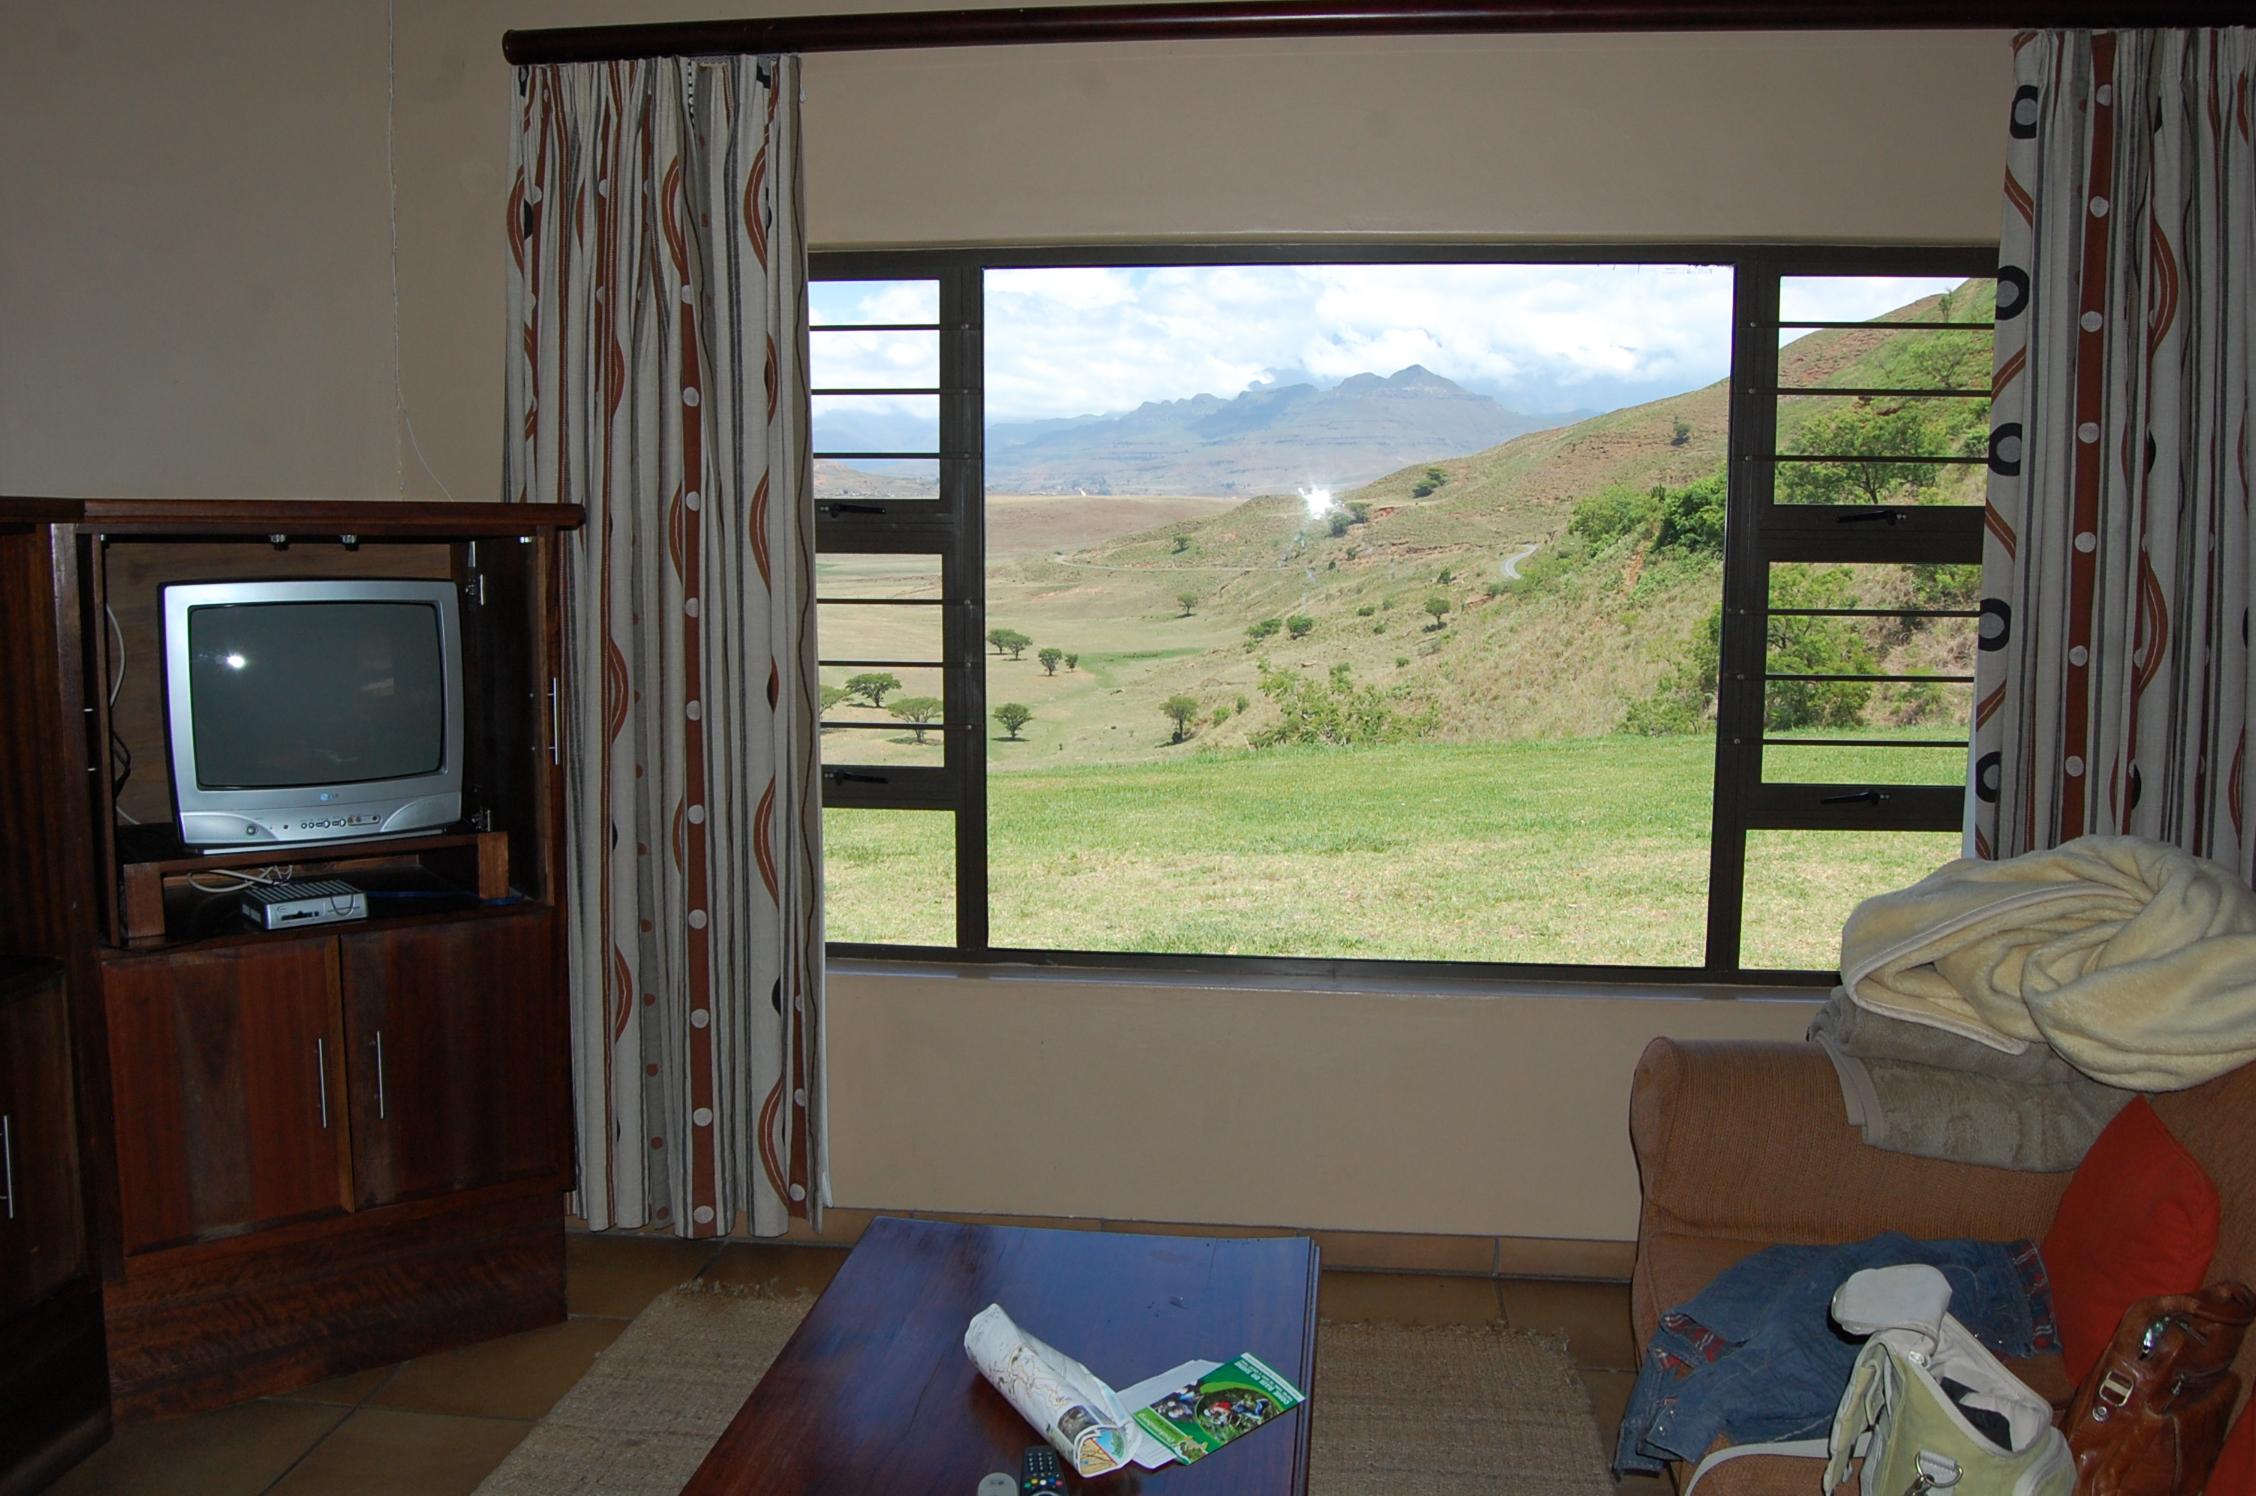 Отель Hlahlanathi, Драконовы Горы, ЮАР